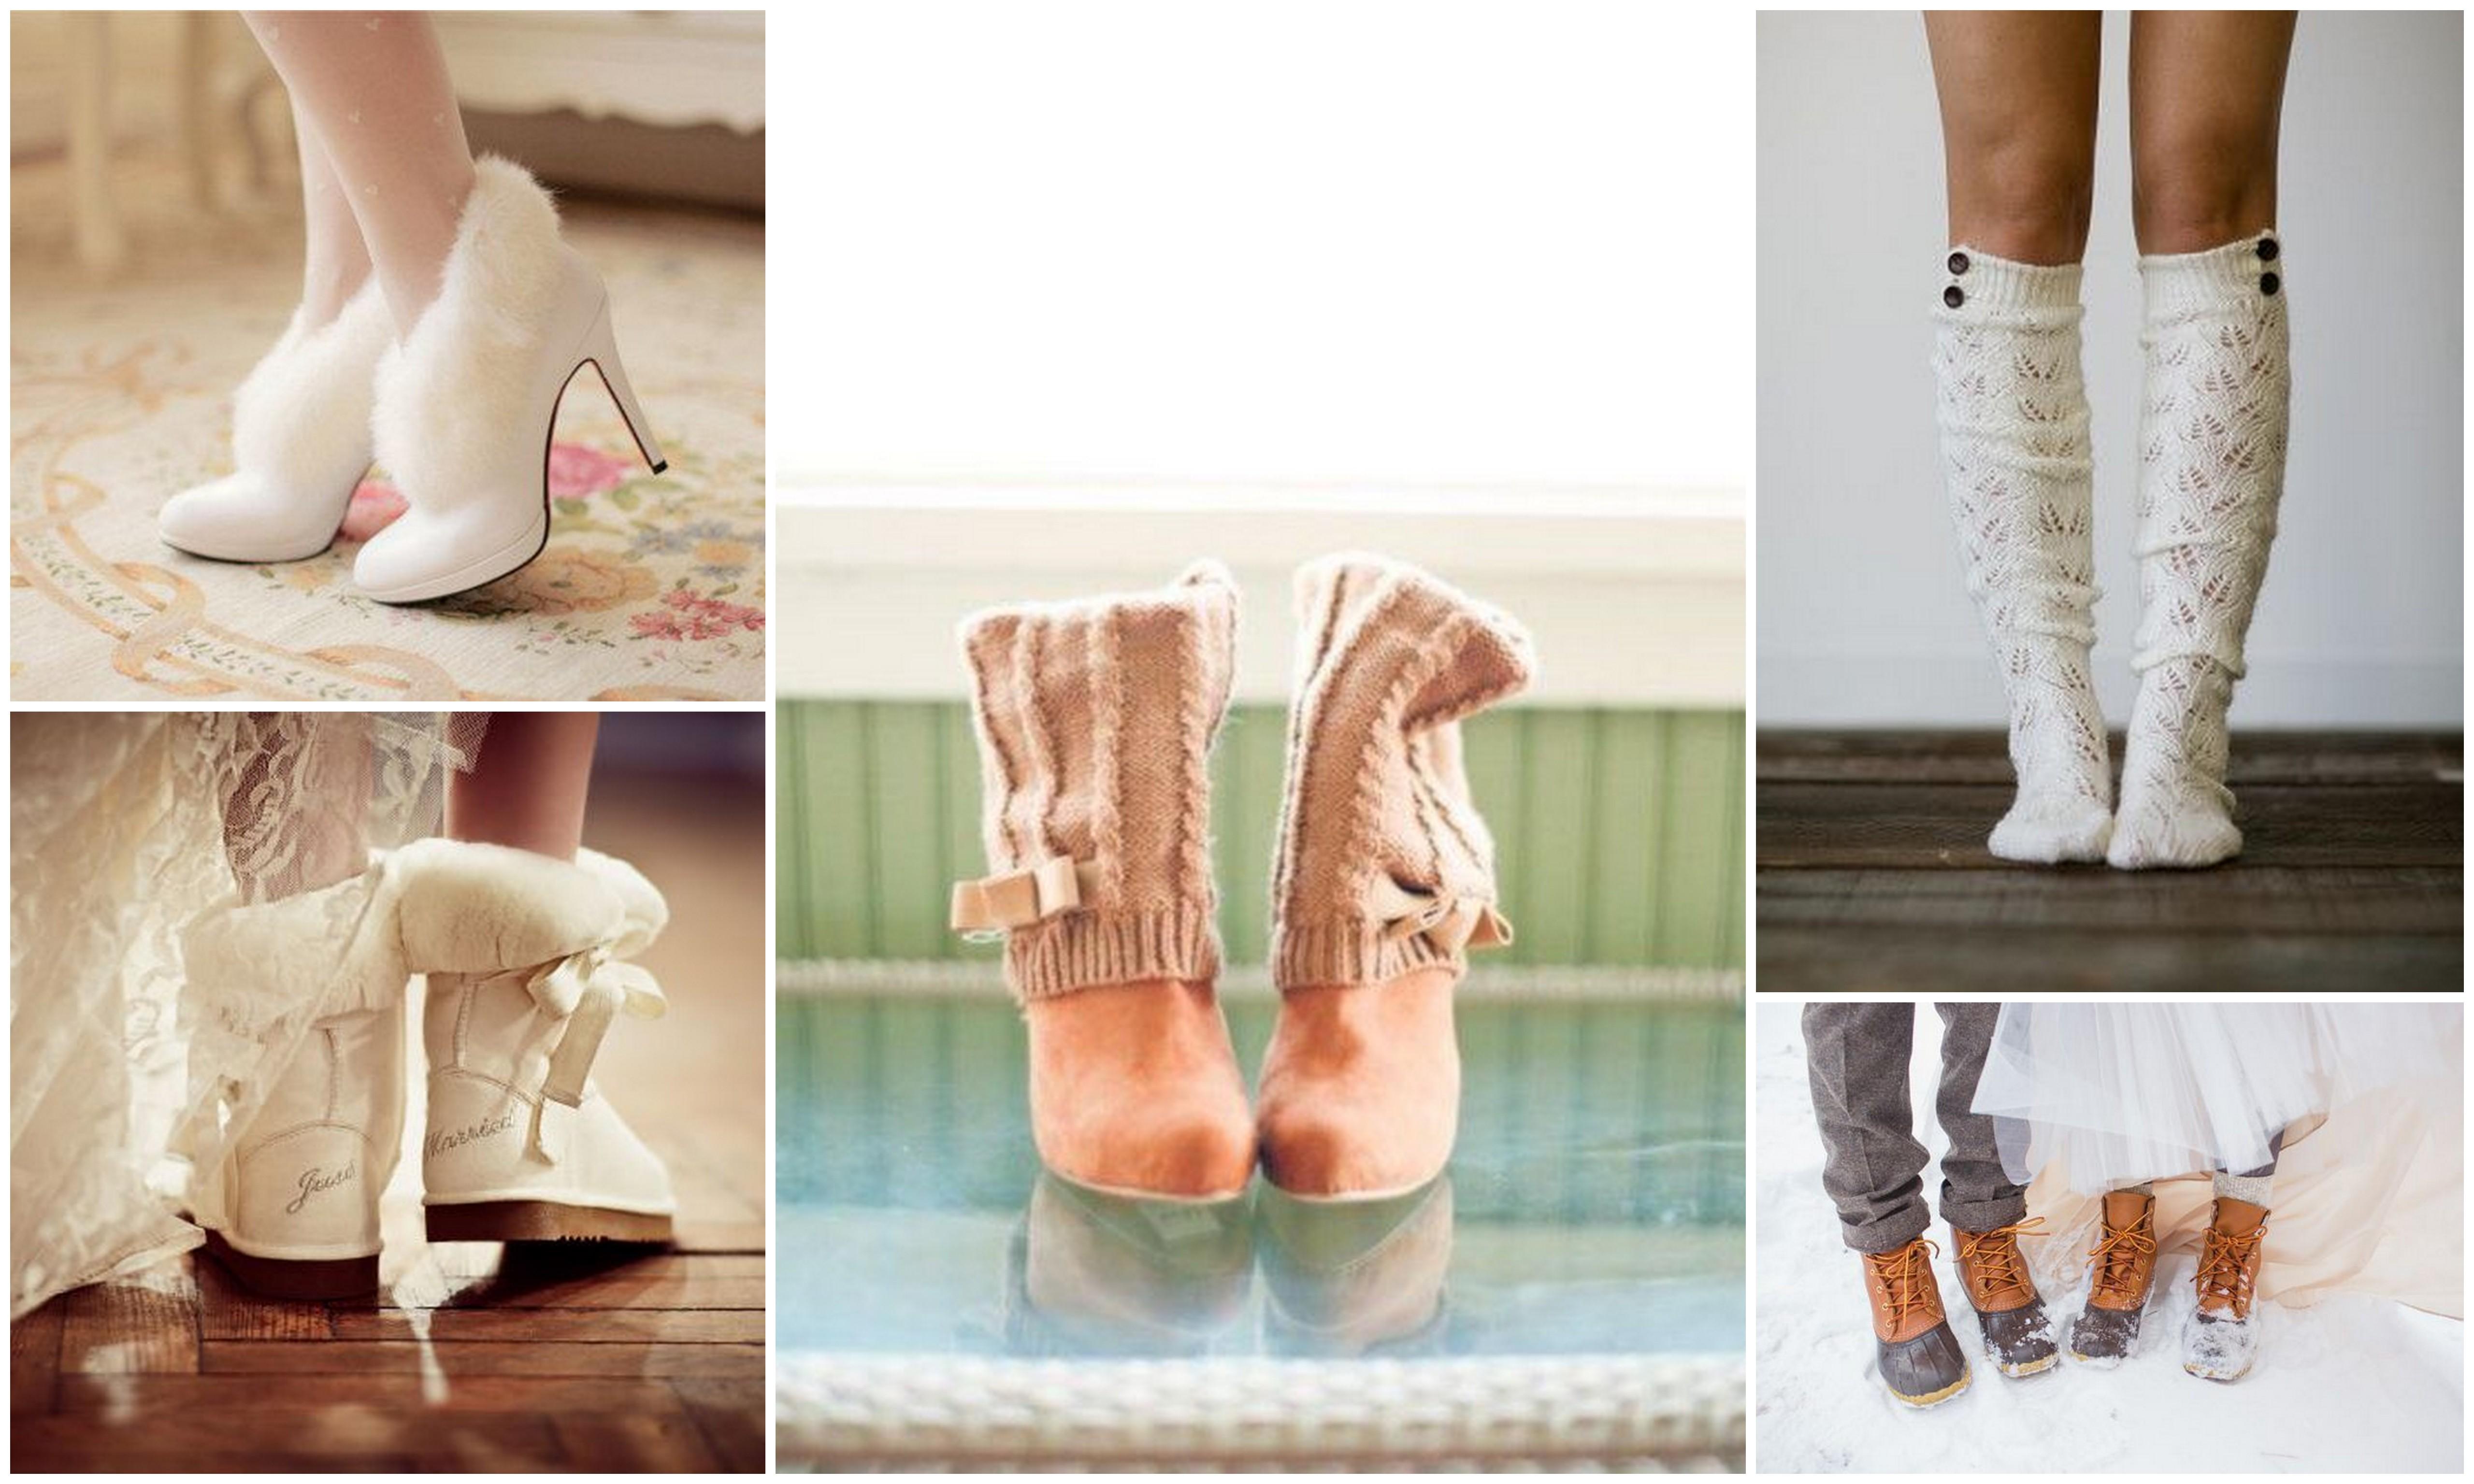 свадебная обувь, свадебные гольфы,свадебная фотосессия зимой